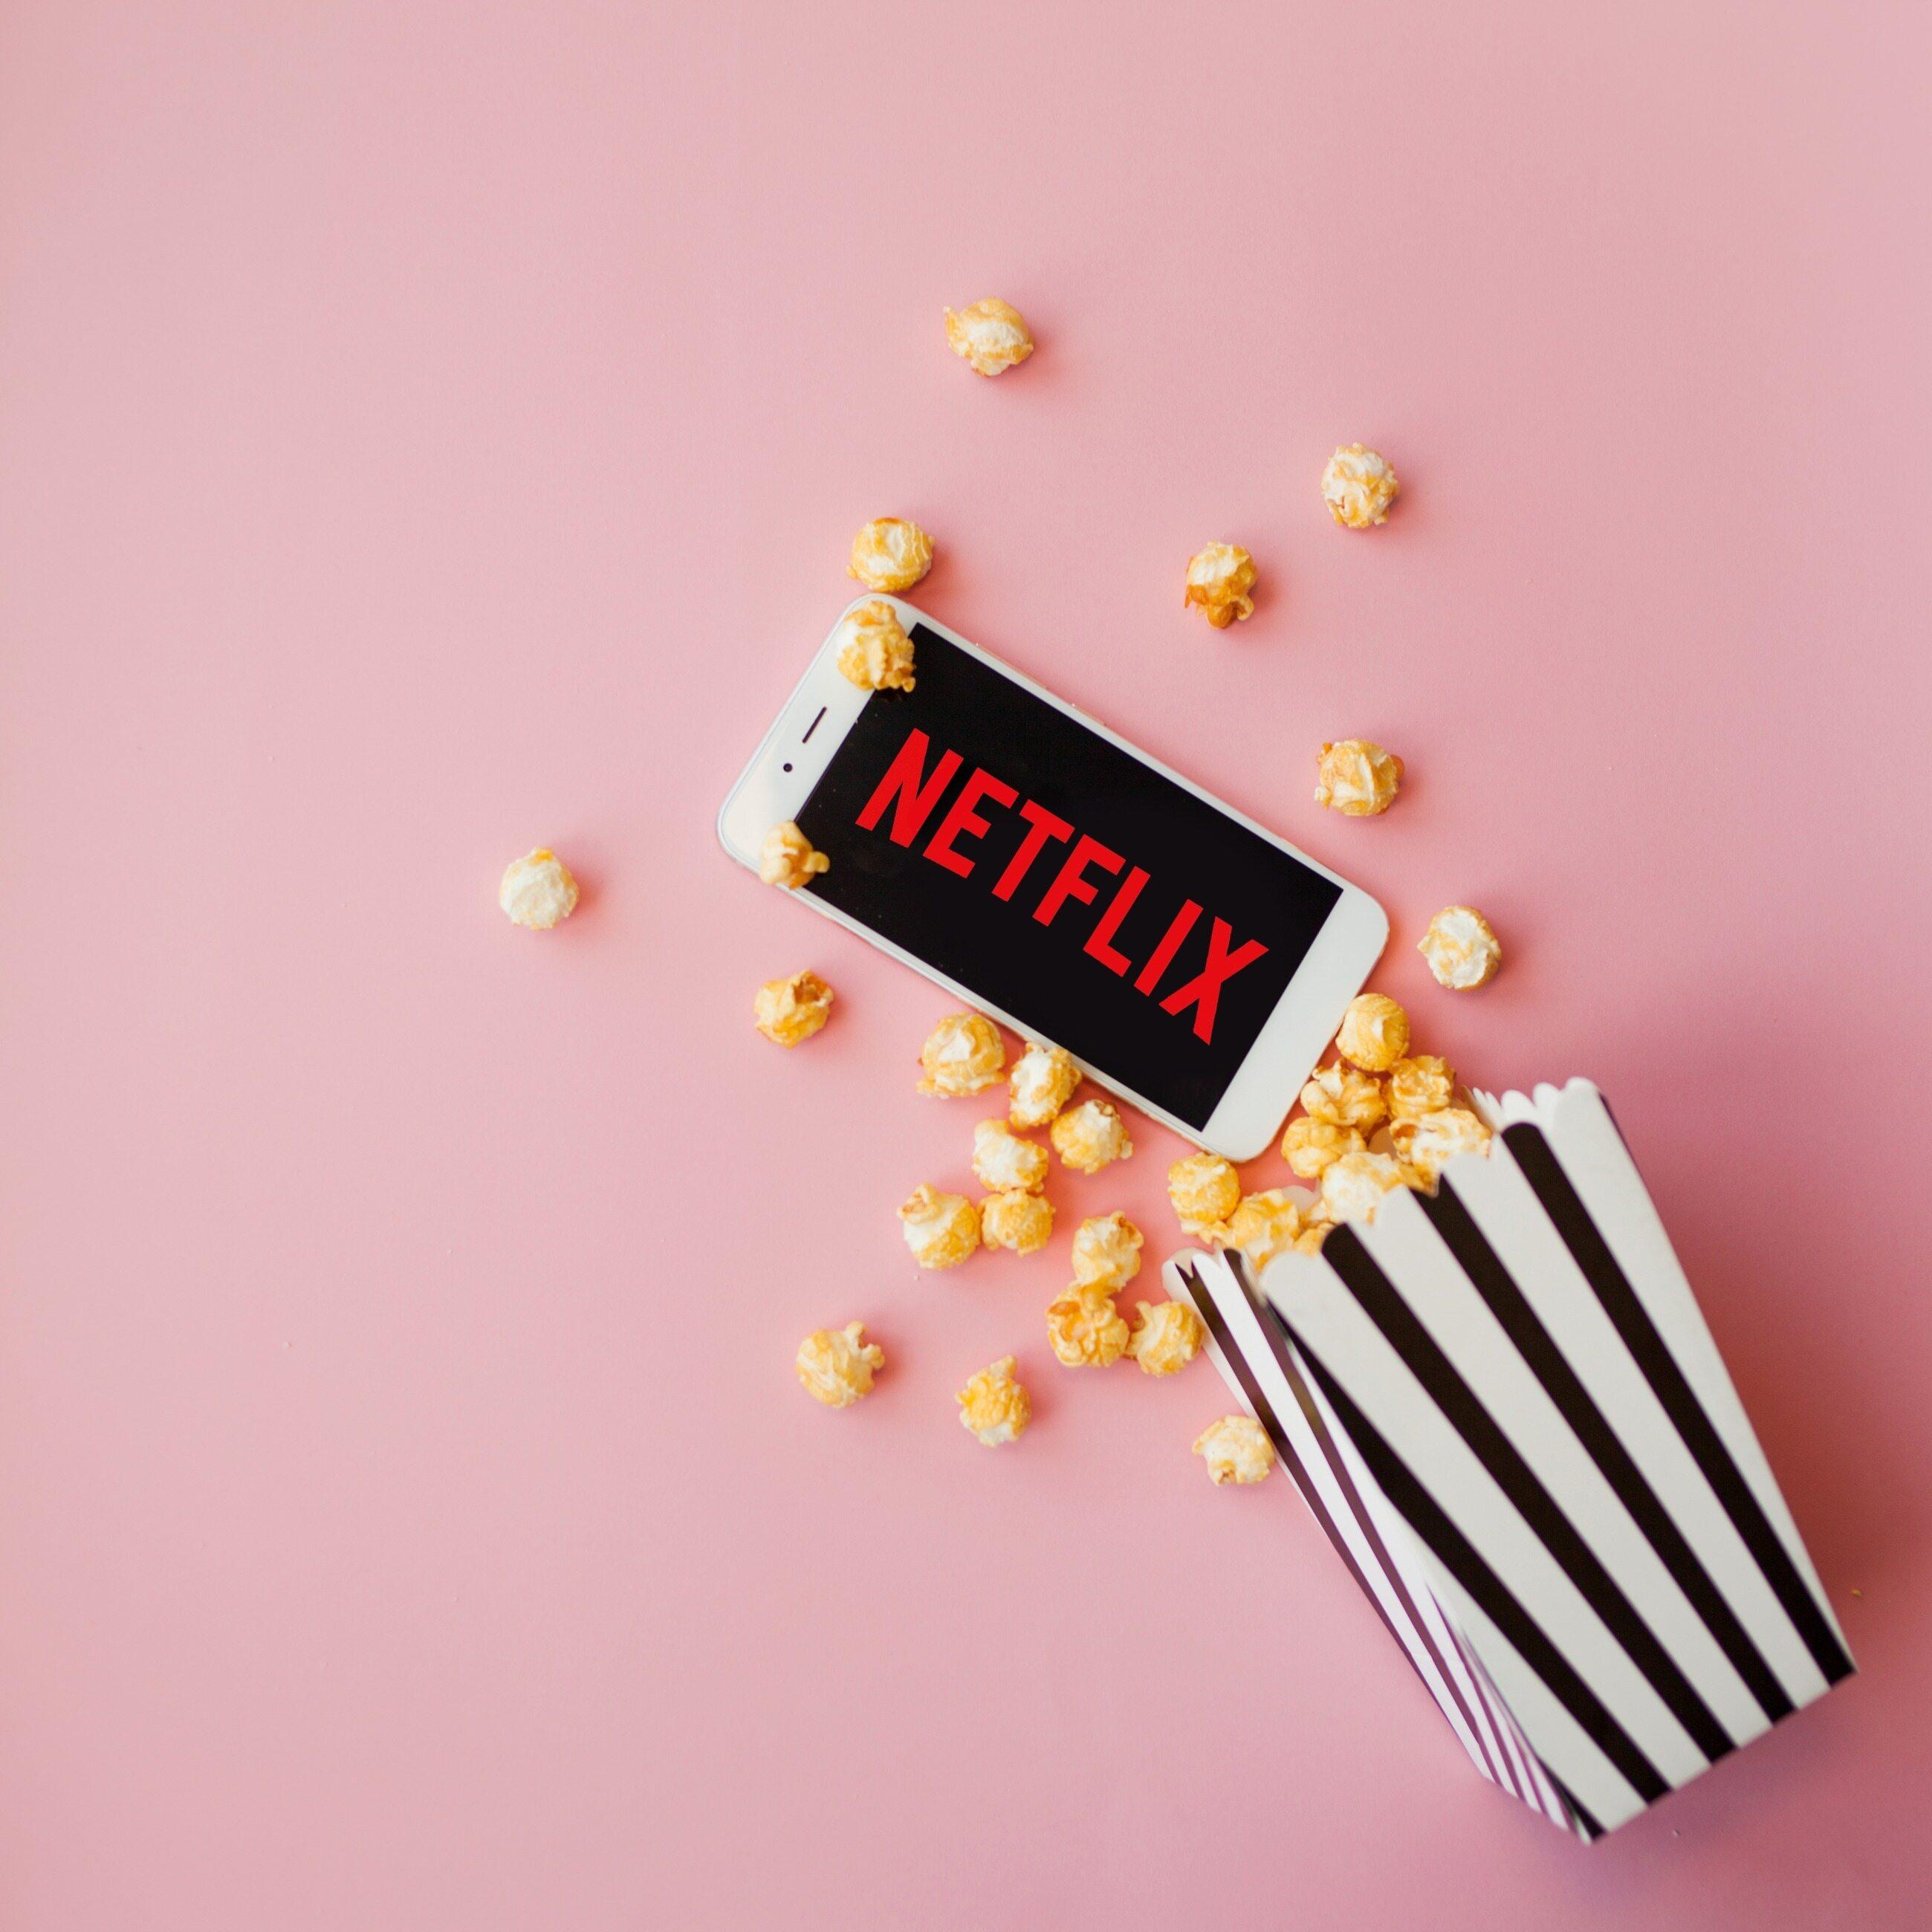 Netflix, zdjęcie ilustracyjne